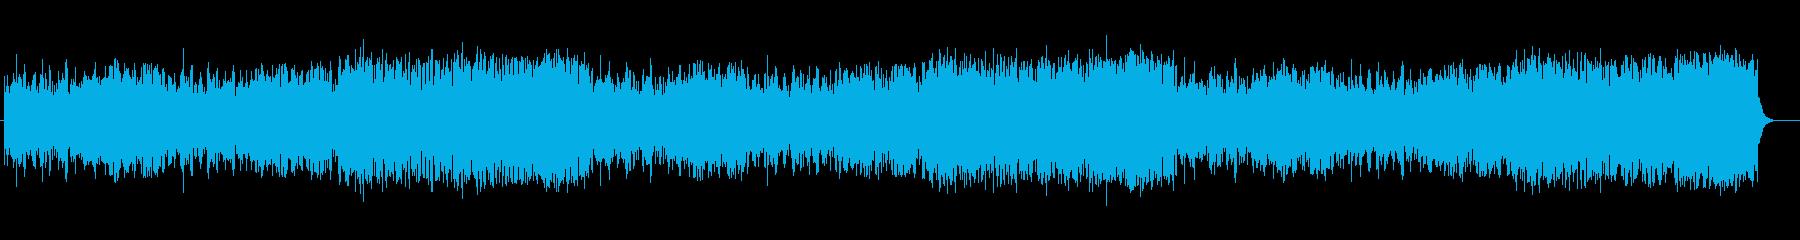 アップテンポのヒーリングミュージックの再生済みの波形